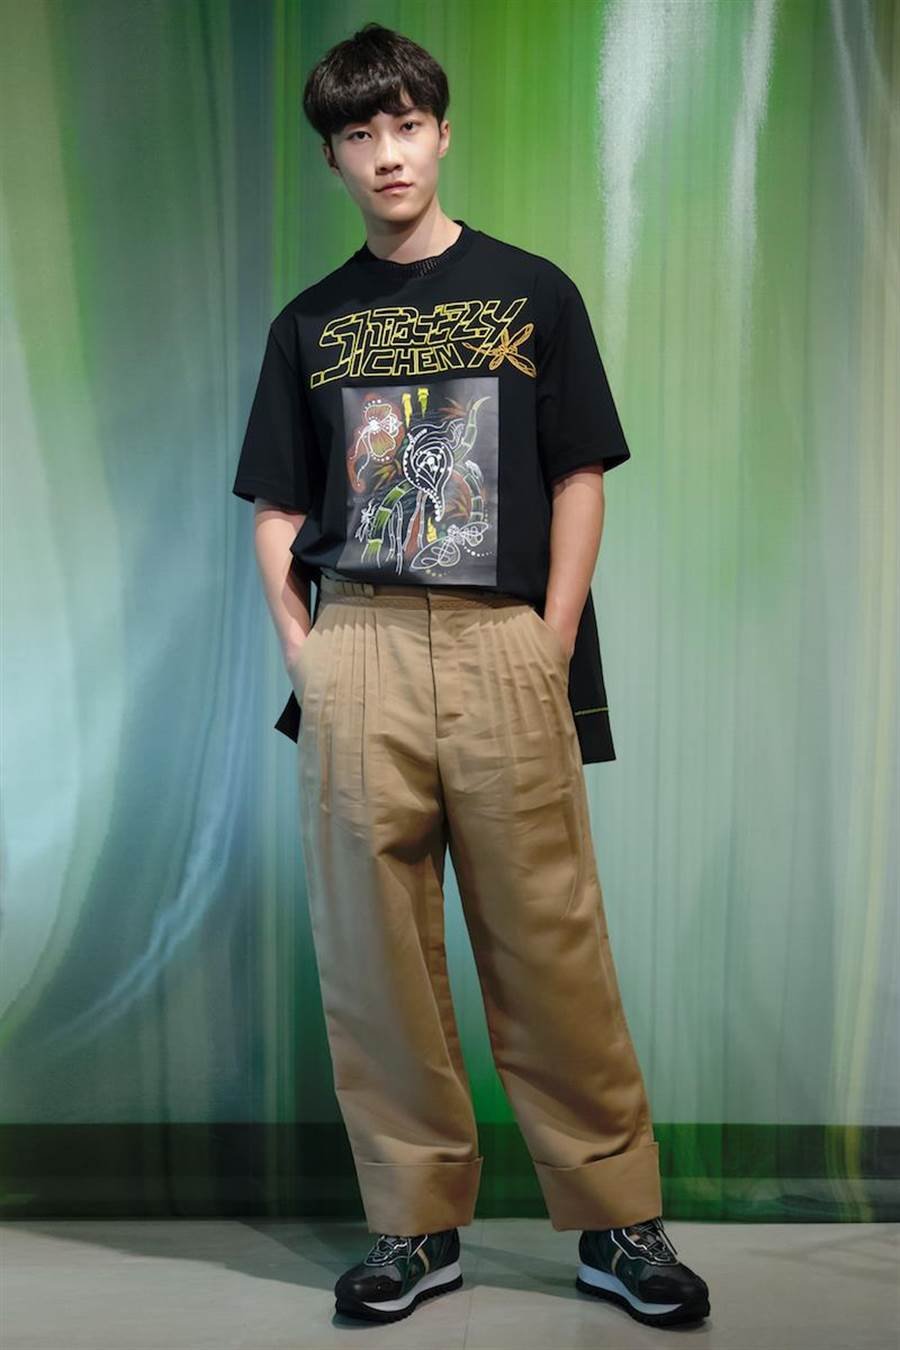 伊林男模王珈驊用印花圖騰T恤搭配大地色系打摺寬鬆修身褲,塗鴉風格和寬鬆版型,具有強烈街頭性格。(夏姿提供)